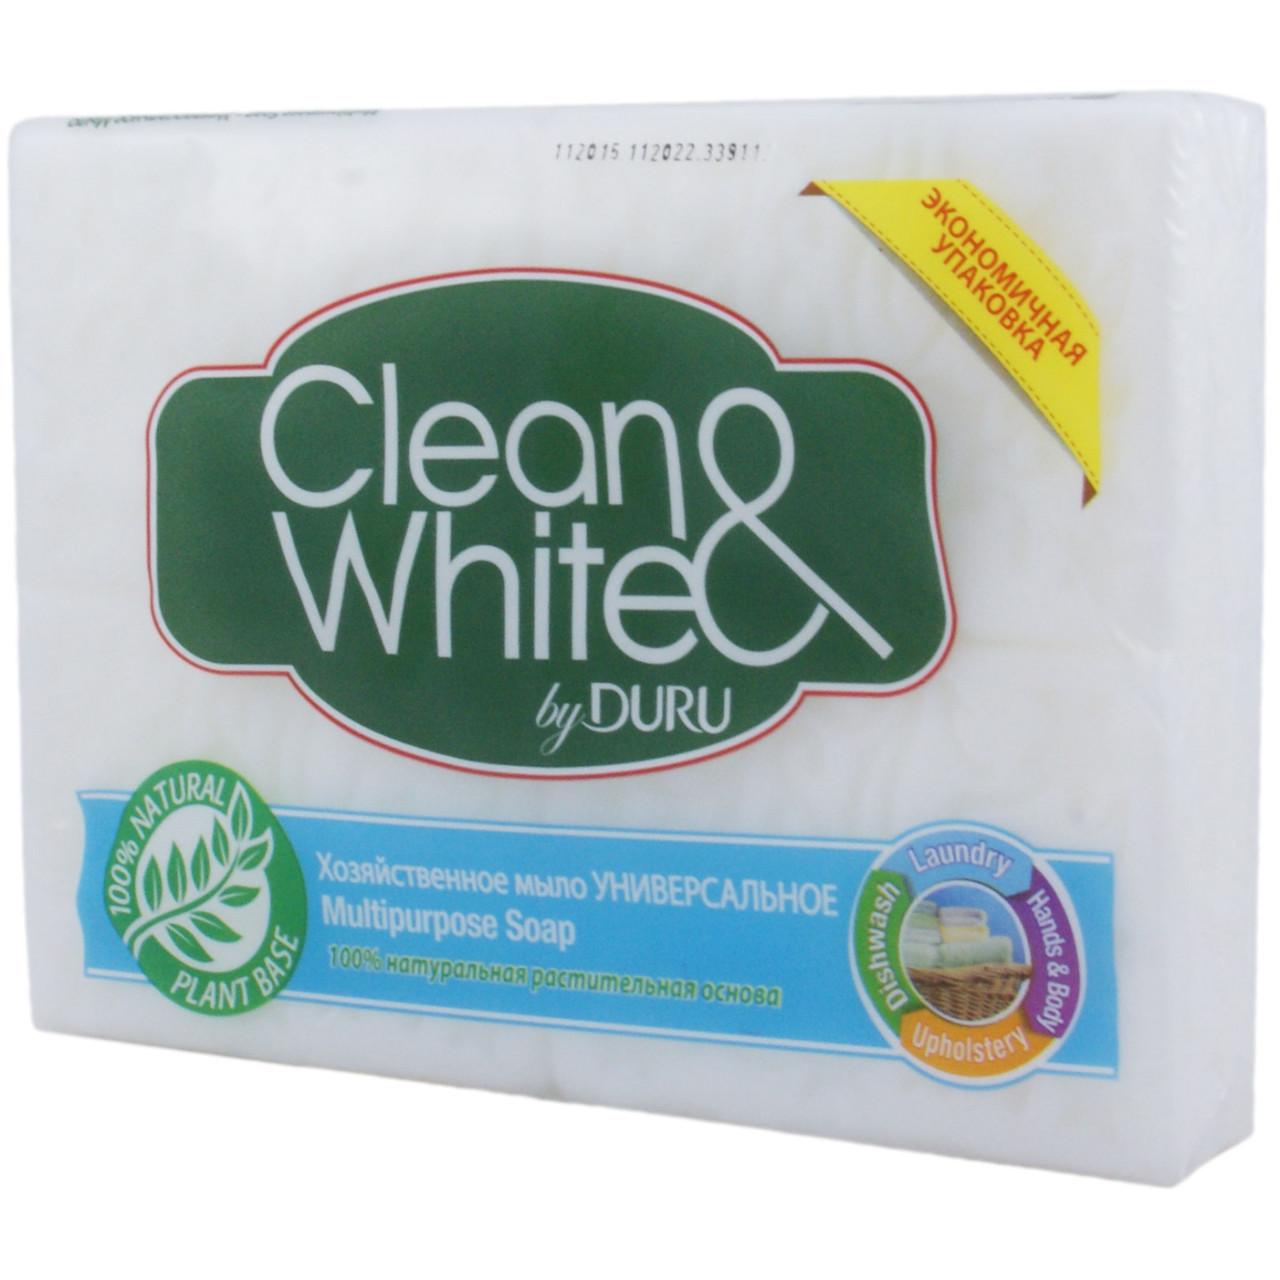 Дуру / Duru clean&white хозяйственное мыло 4х125 г